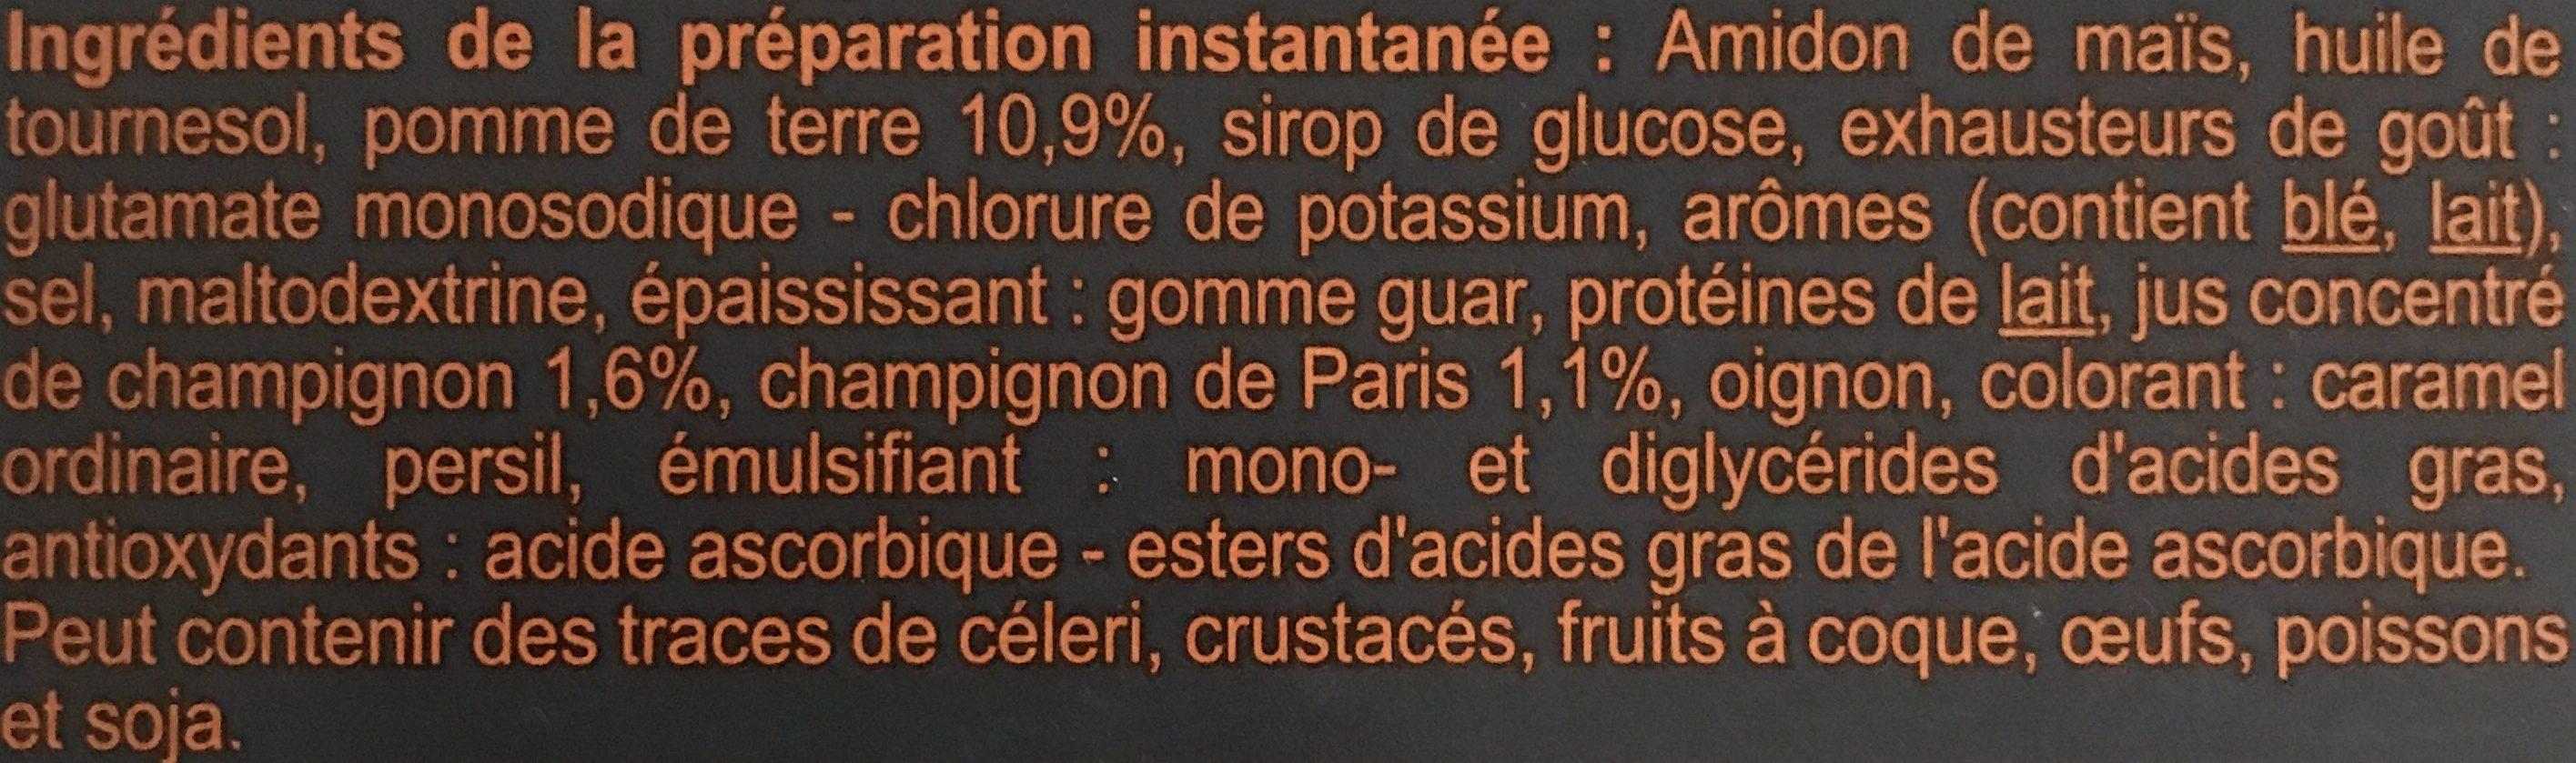 Velouté Champignon Instantané - Ingrediënten